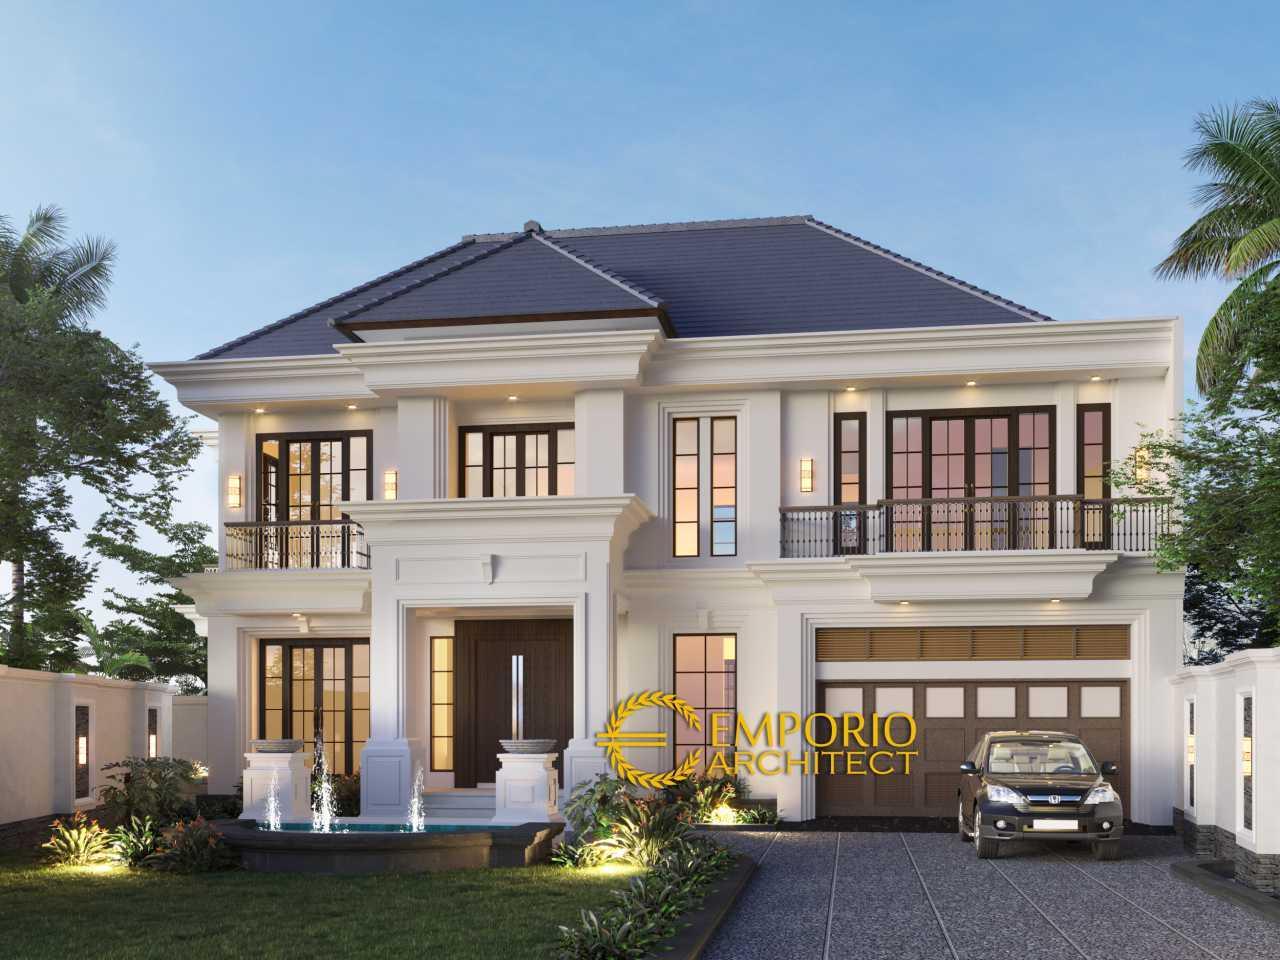 Emporio Architect Jasa Arsitek Bengkulu Desain Rumah Classic 2 Lantai 760 @ Bengkulu Bengkulu, Kota Bengkulu, Bengkulu, Indonesia Bengkulu, Kota Bengkulu, Bengkulu, Indonesia Emporio-Architect-Jasa-Arsitek-Bengkulu-Desain-Rumah-Classic-2-Lantai-760-Bengkulu Classic  87146